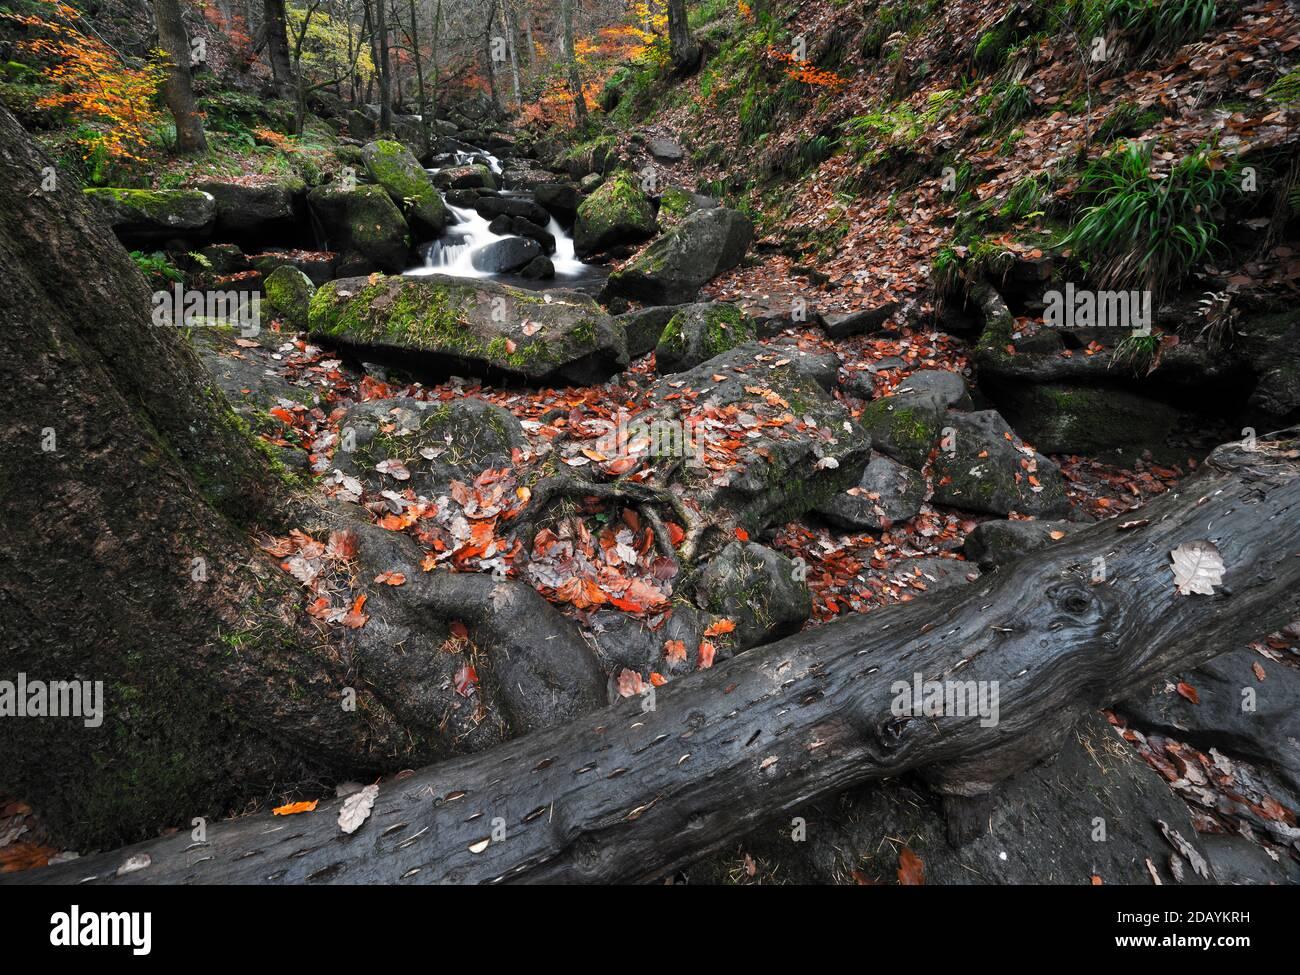 Le Wish Tree à Padley gorge, dans le Peak District. Les gens ont martelé des pièces de monnaie dans le grain du bois pour un bon souhait de chance. Banque D'Images